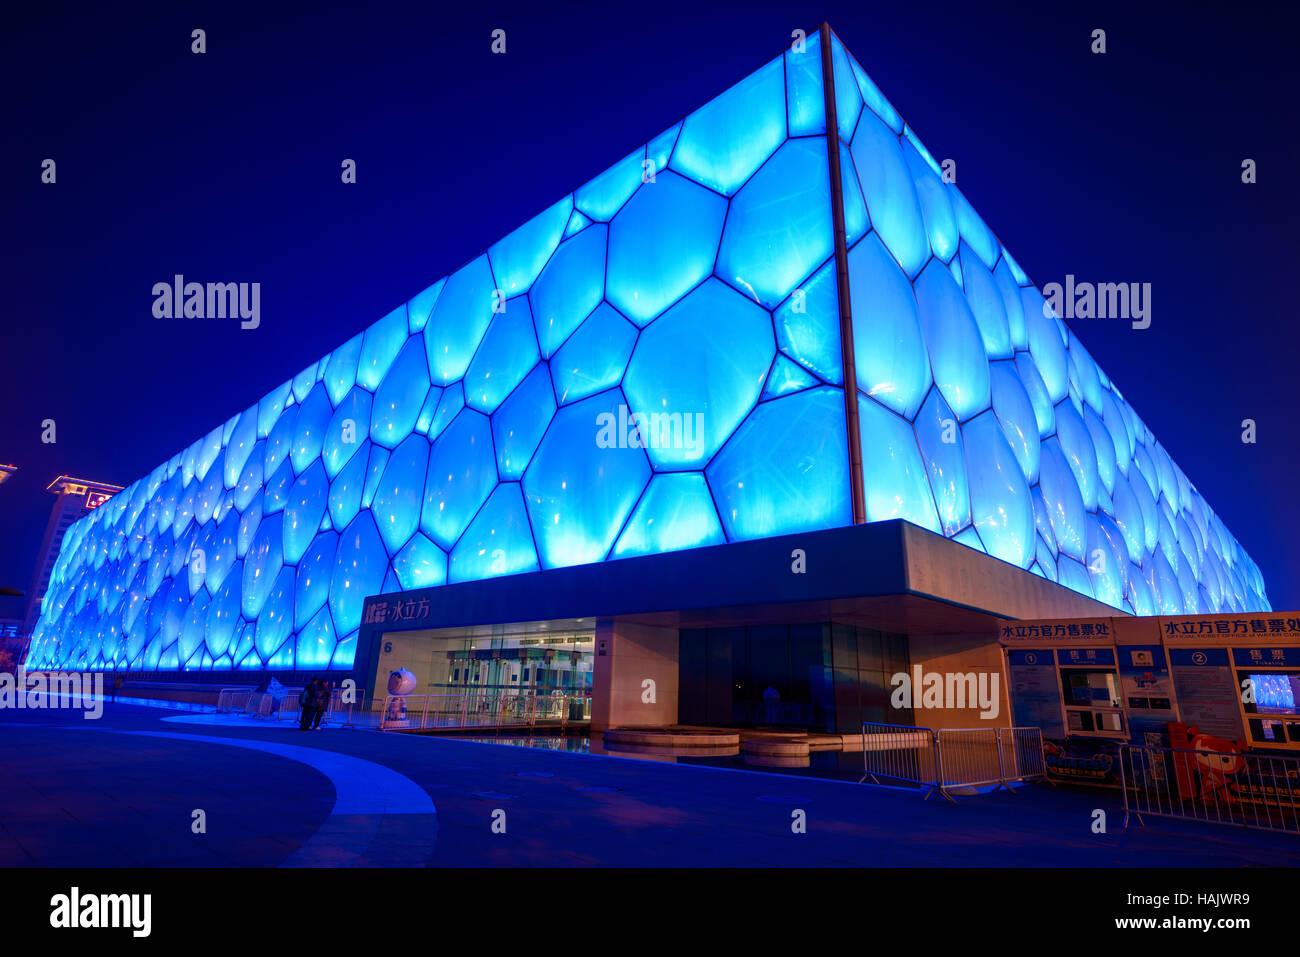 Cubo de água - um amplo ângulo de visão noturna do Centro Aquático Nacional de Pequim, também Imagens de Stock